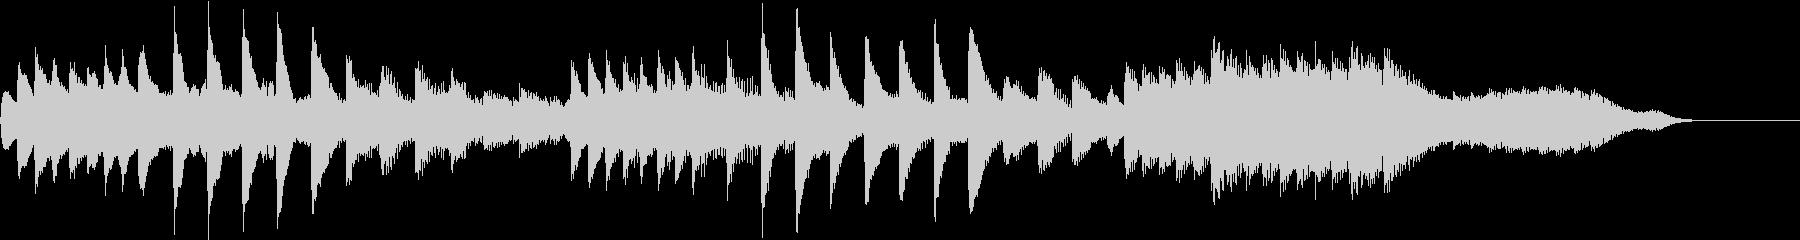 ひぐらしのリズムで涼しいピアノジングルの未再生の波形